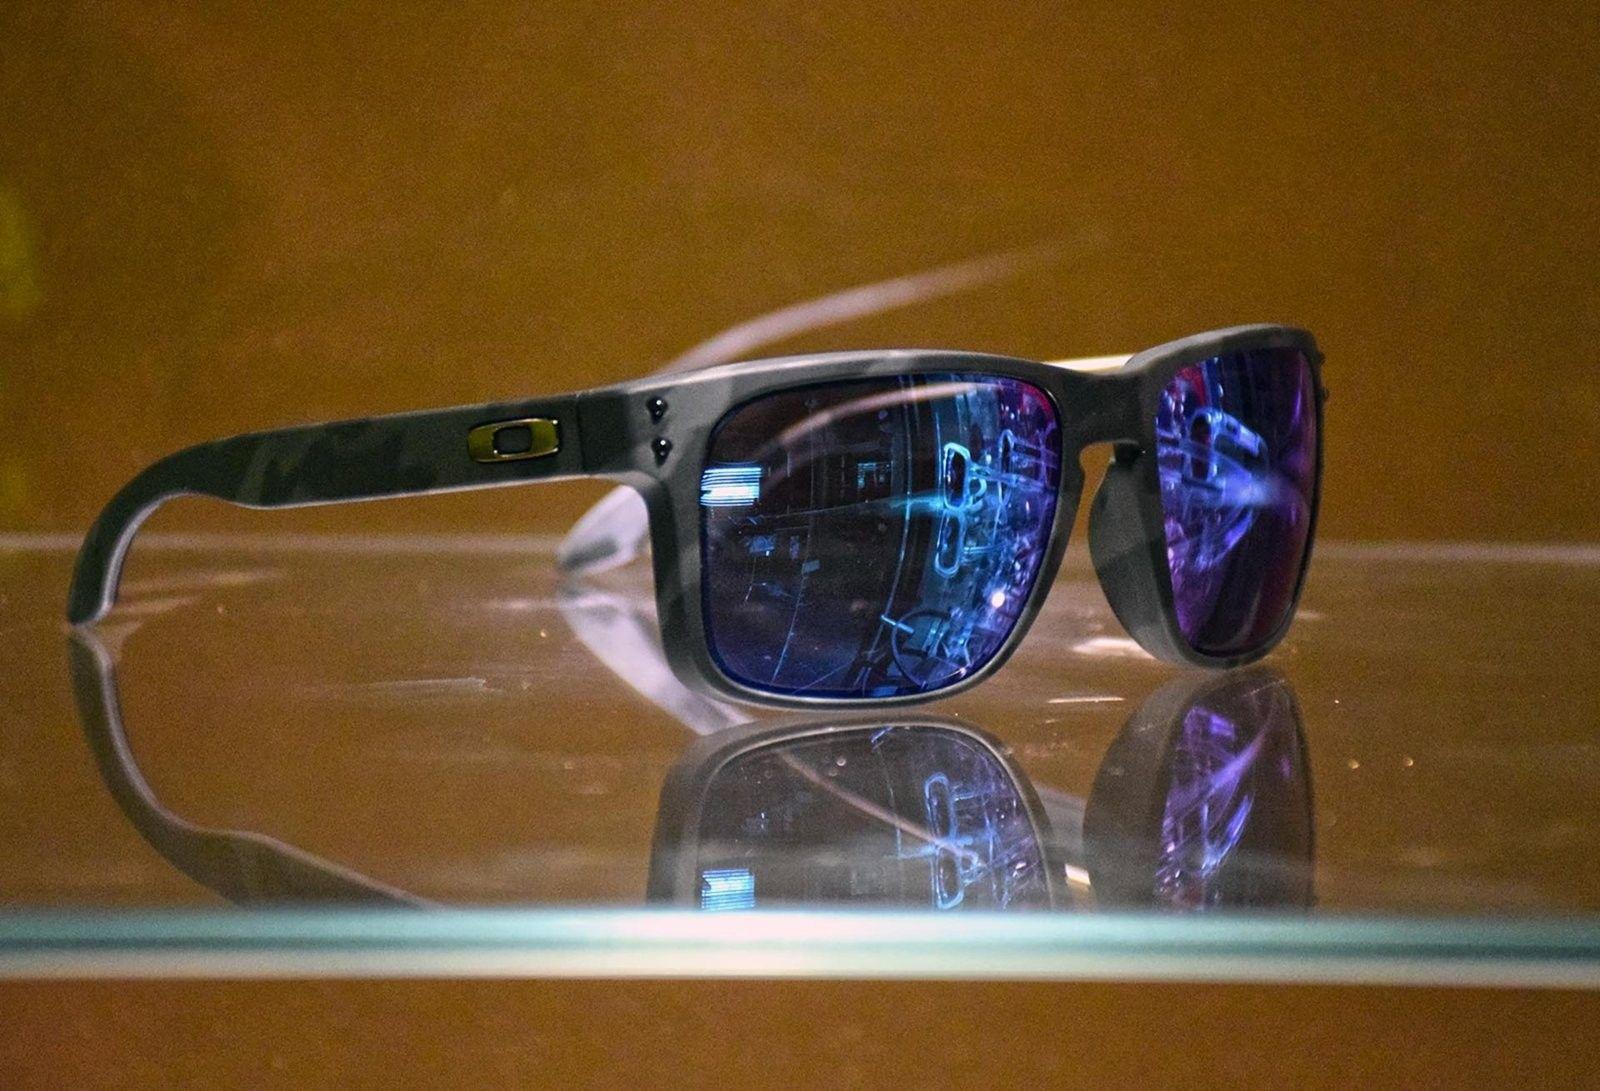 Finally something I can wear! - DSC_0067.JPG